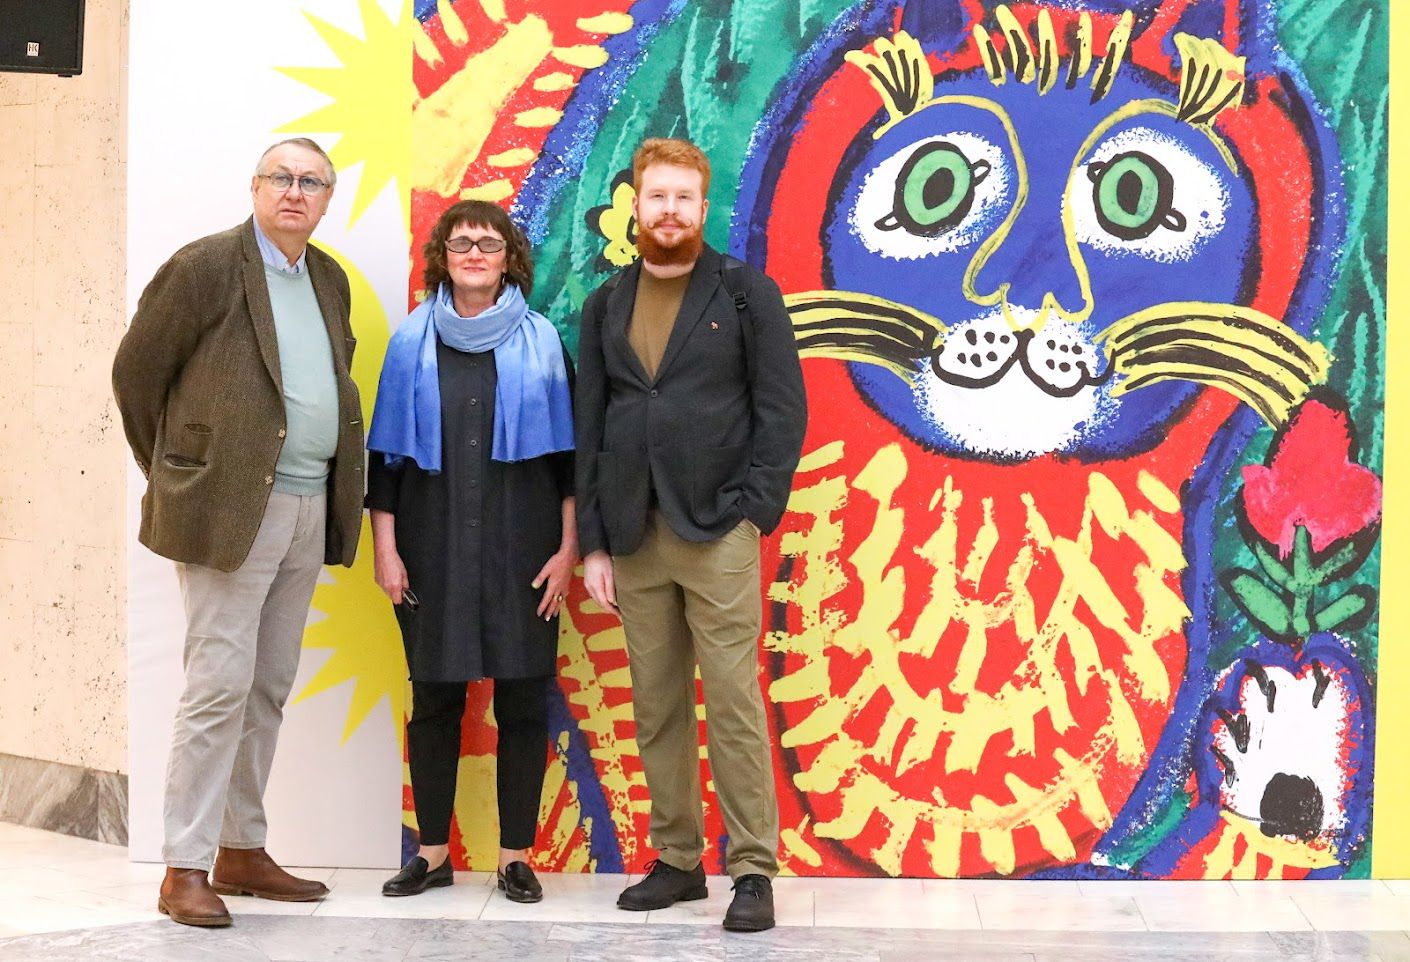 Справа налево: Никита Терешин, дизайнер выставки; Ольга Монина, художник; Александр Шелудченко - наследник Мавриной, исследователь ее творчества / пресс-служба РГДБ